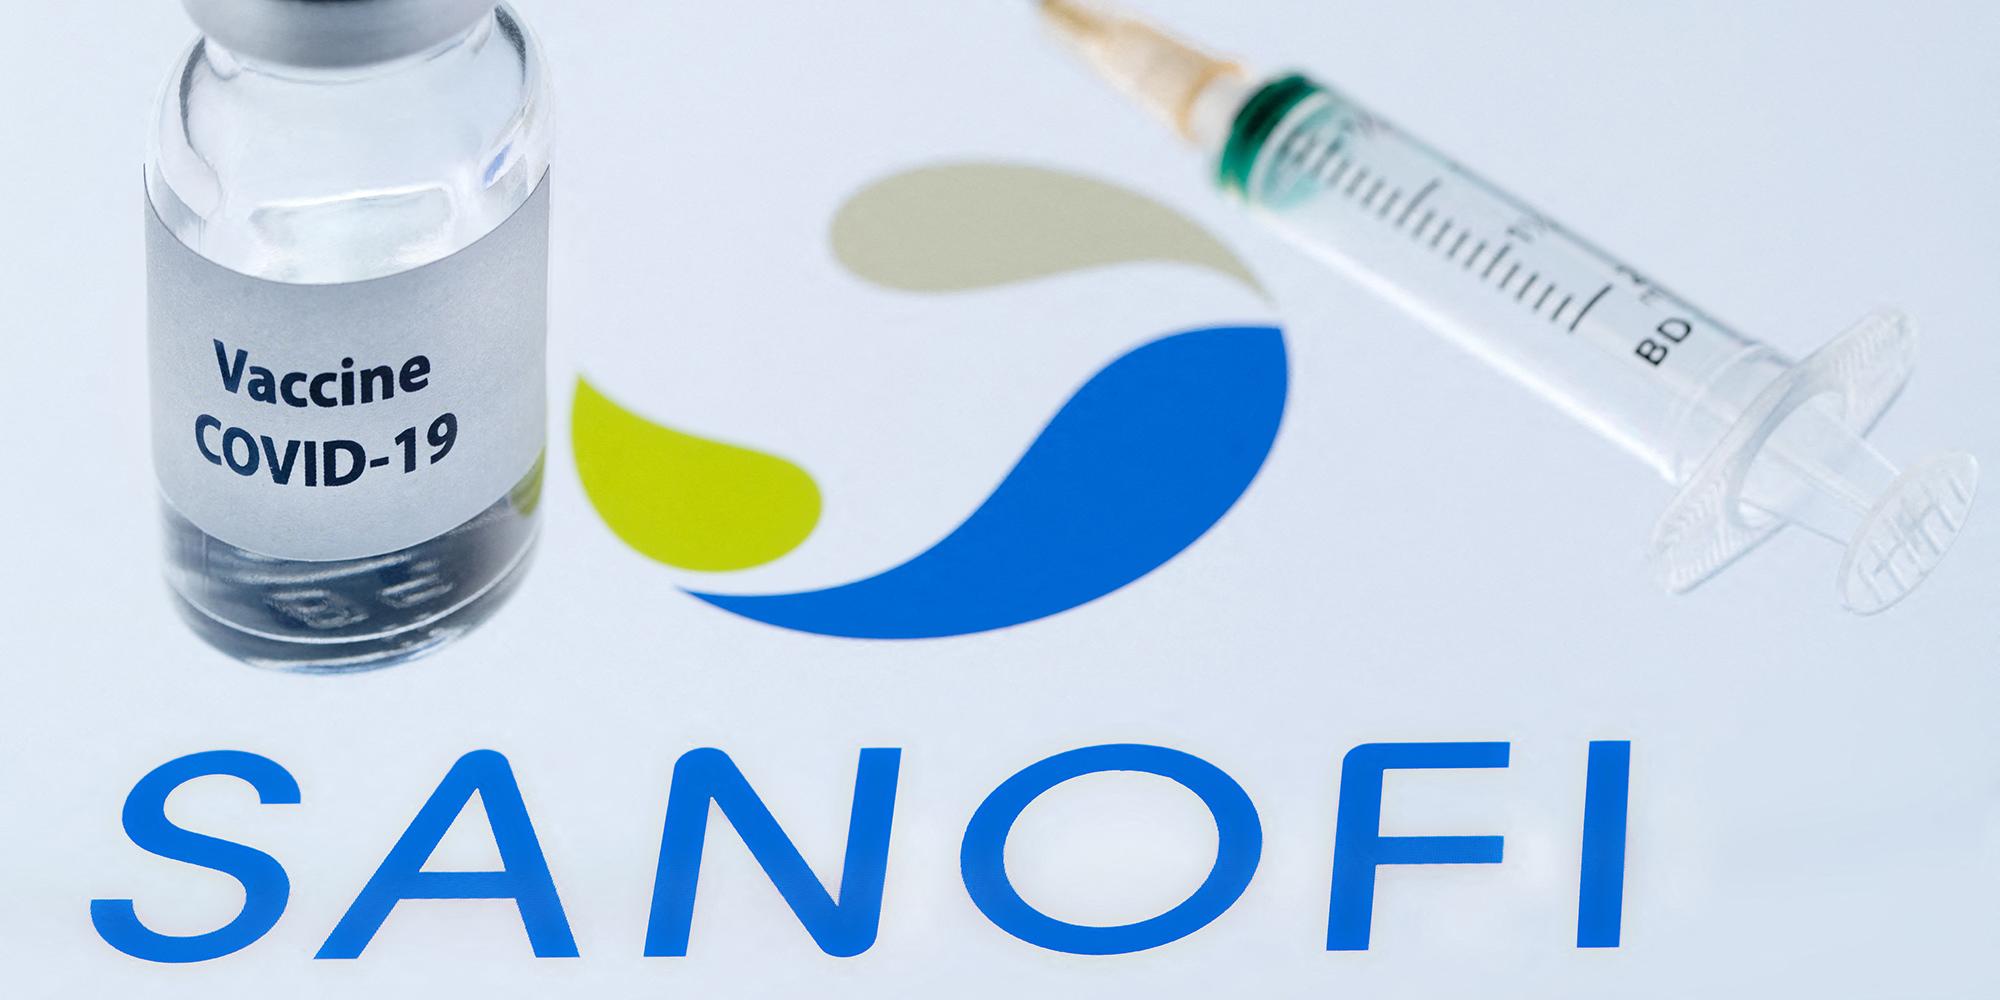 Covid-19 : à quoi pourront encore servir les vaccins de Sanofi, qui arriveront fin 2021? - Le Journal du dimanche